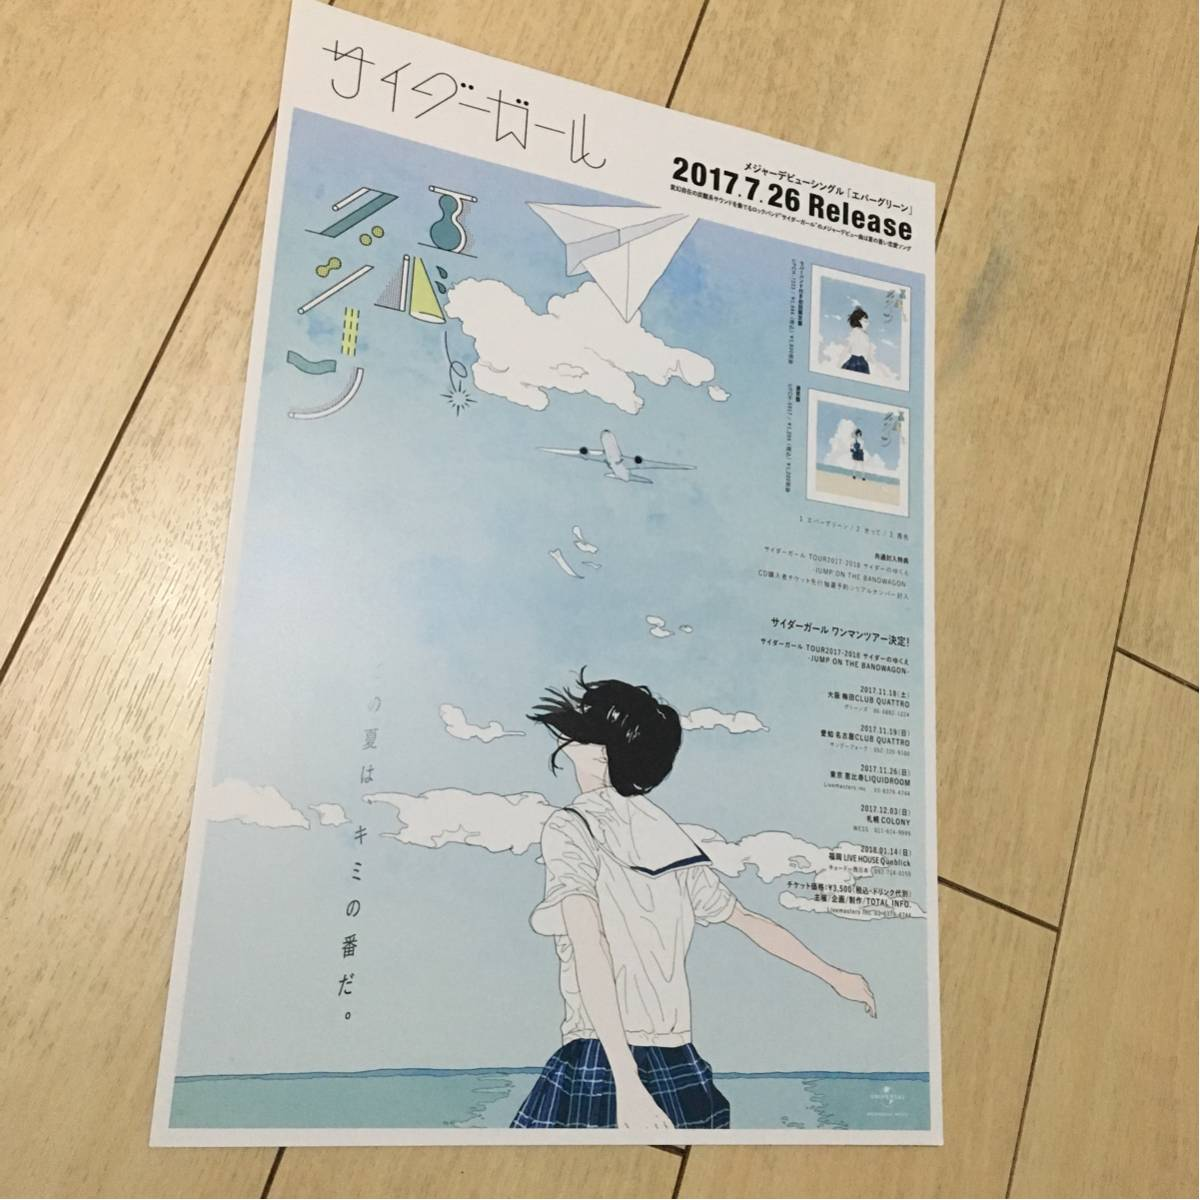 サイダーガール メジャー デビュー シングル エバーグリーン cd 発売 告知 チラシ 2017 ワンマン ツアー